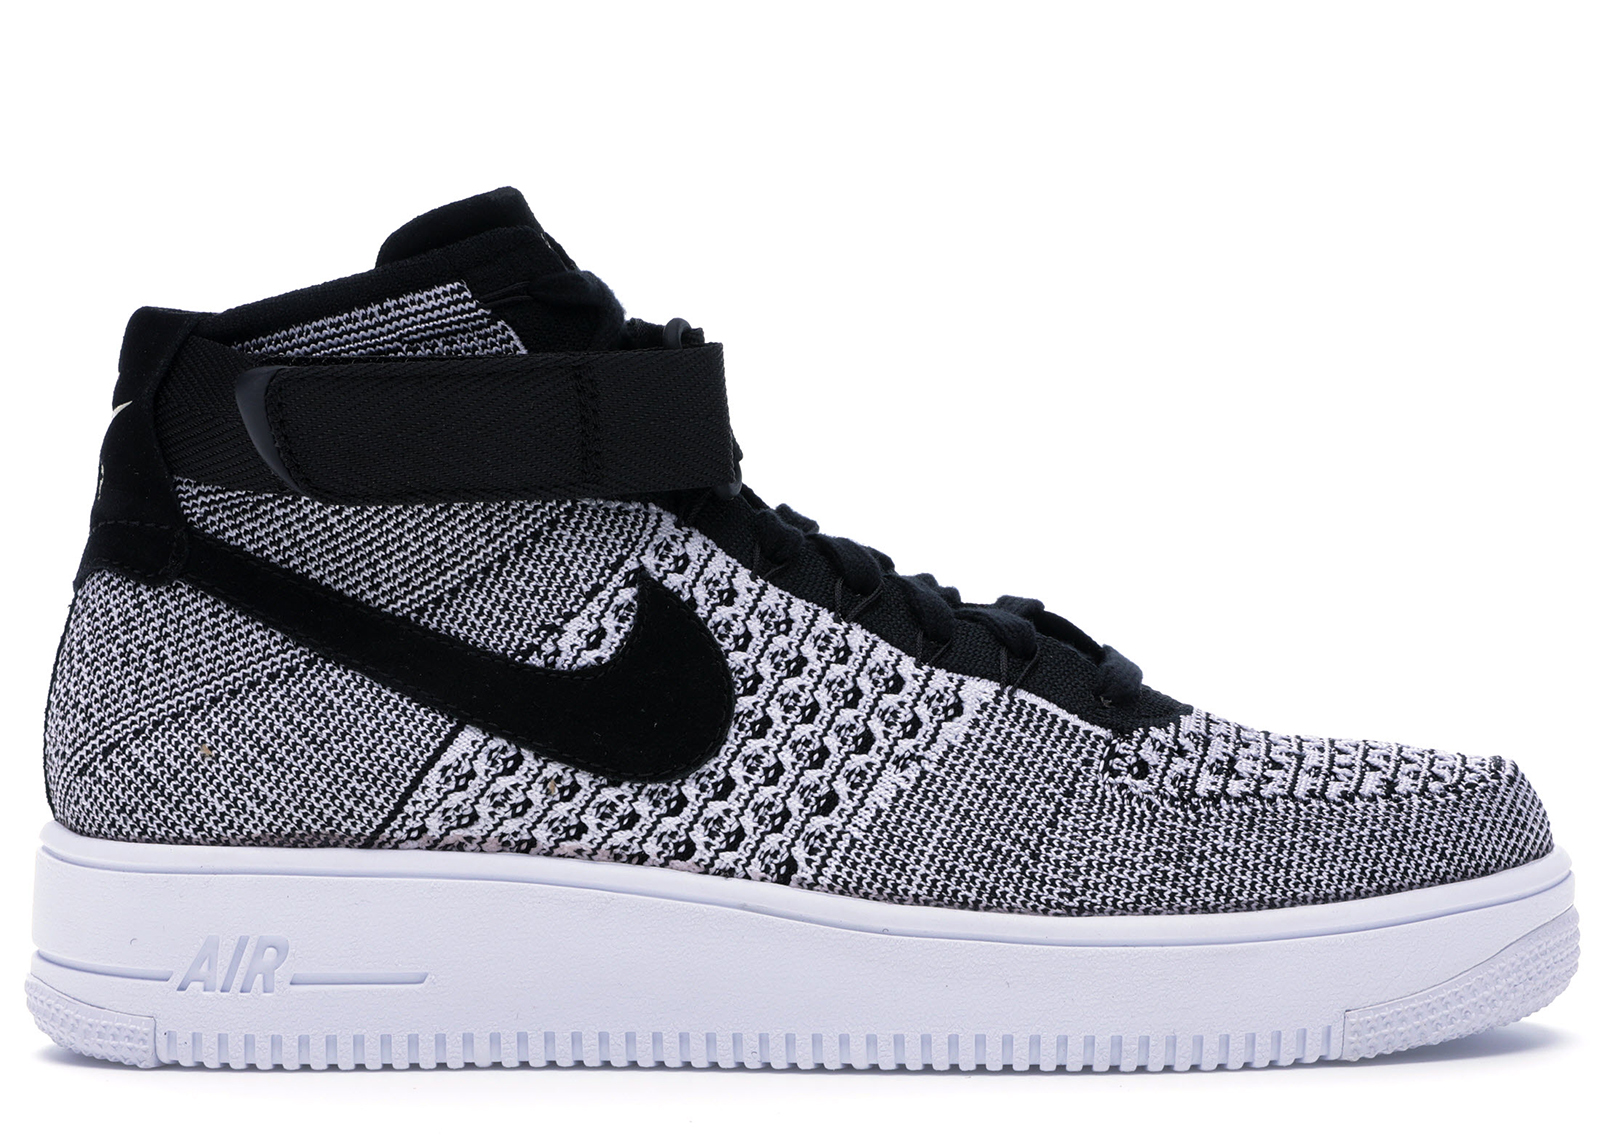 Nike Af1 Ultra Flyknit Mid Black/Black